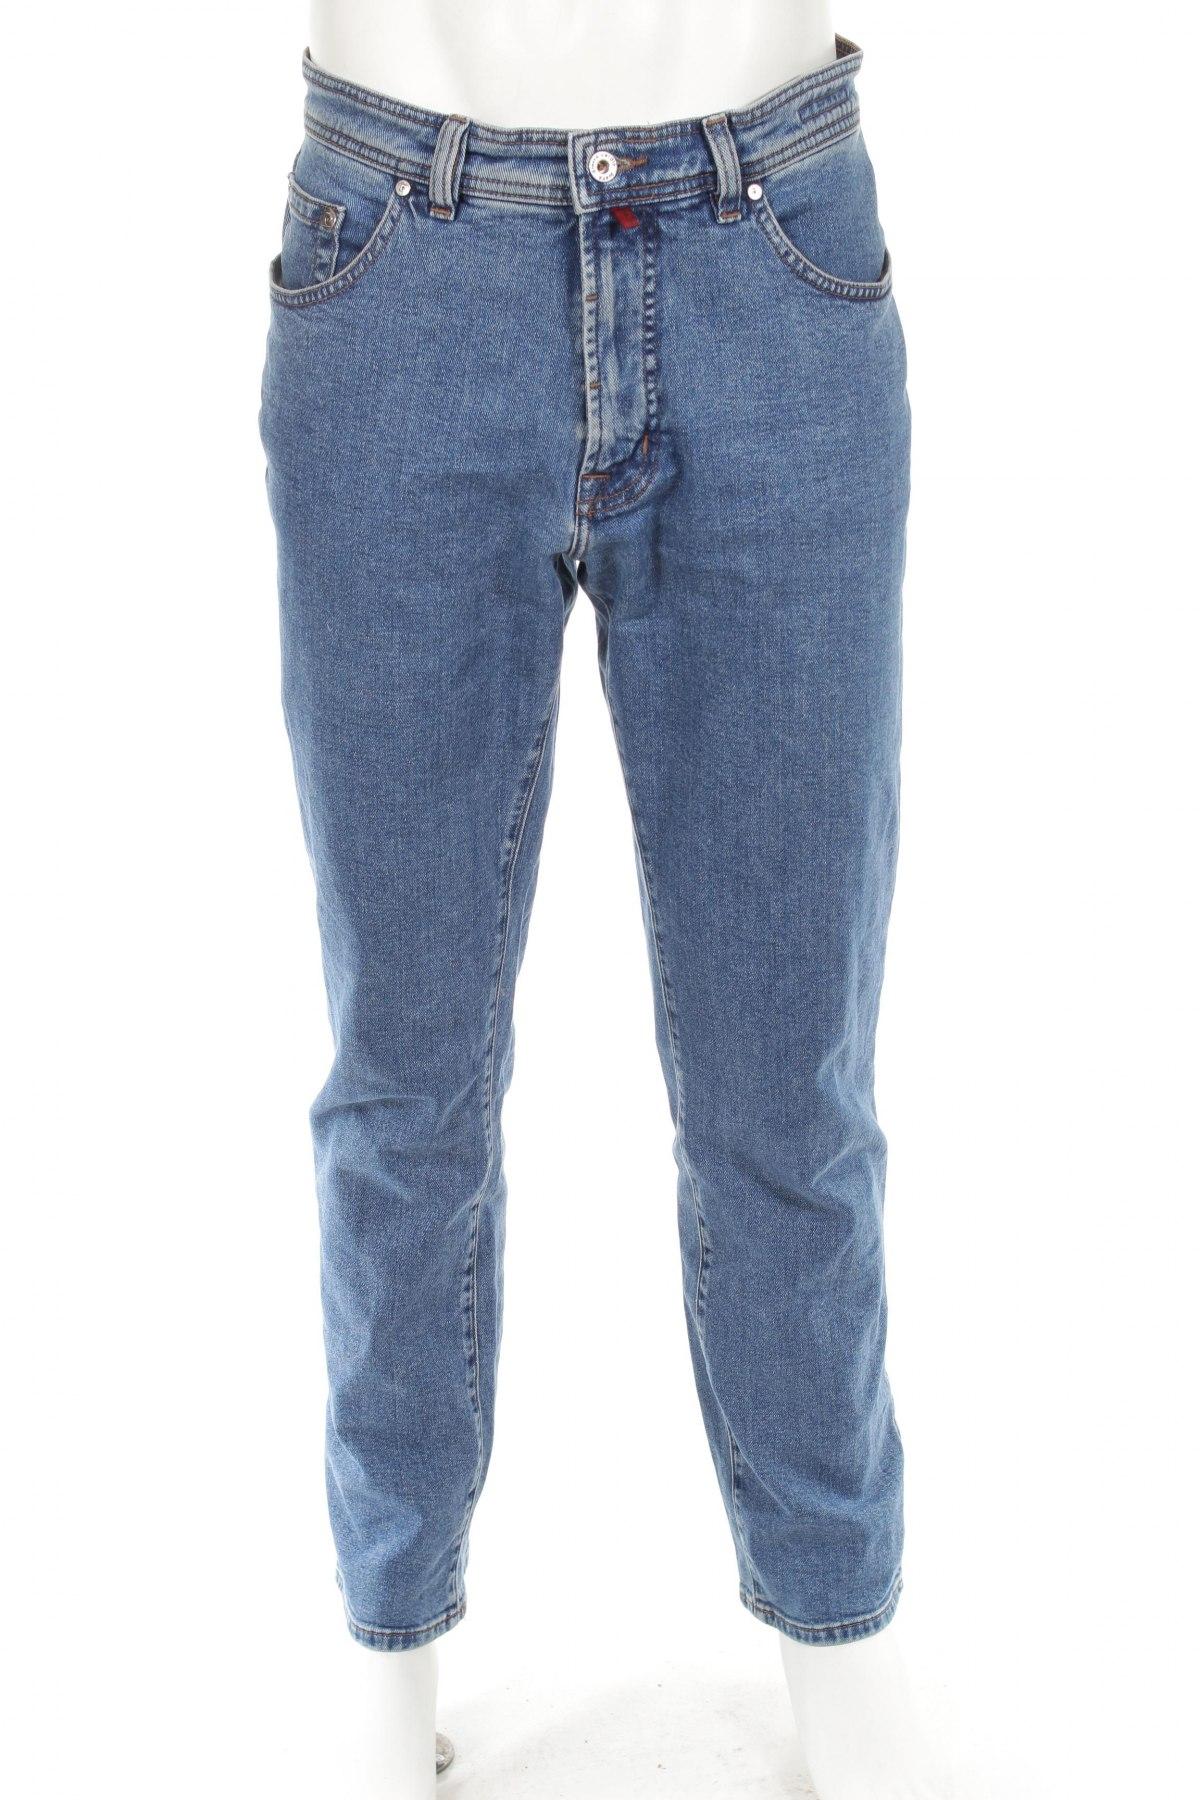 fantastic savings details for beauty Herren Jeans Pierre Cardin